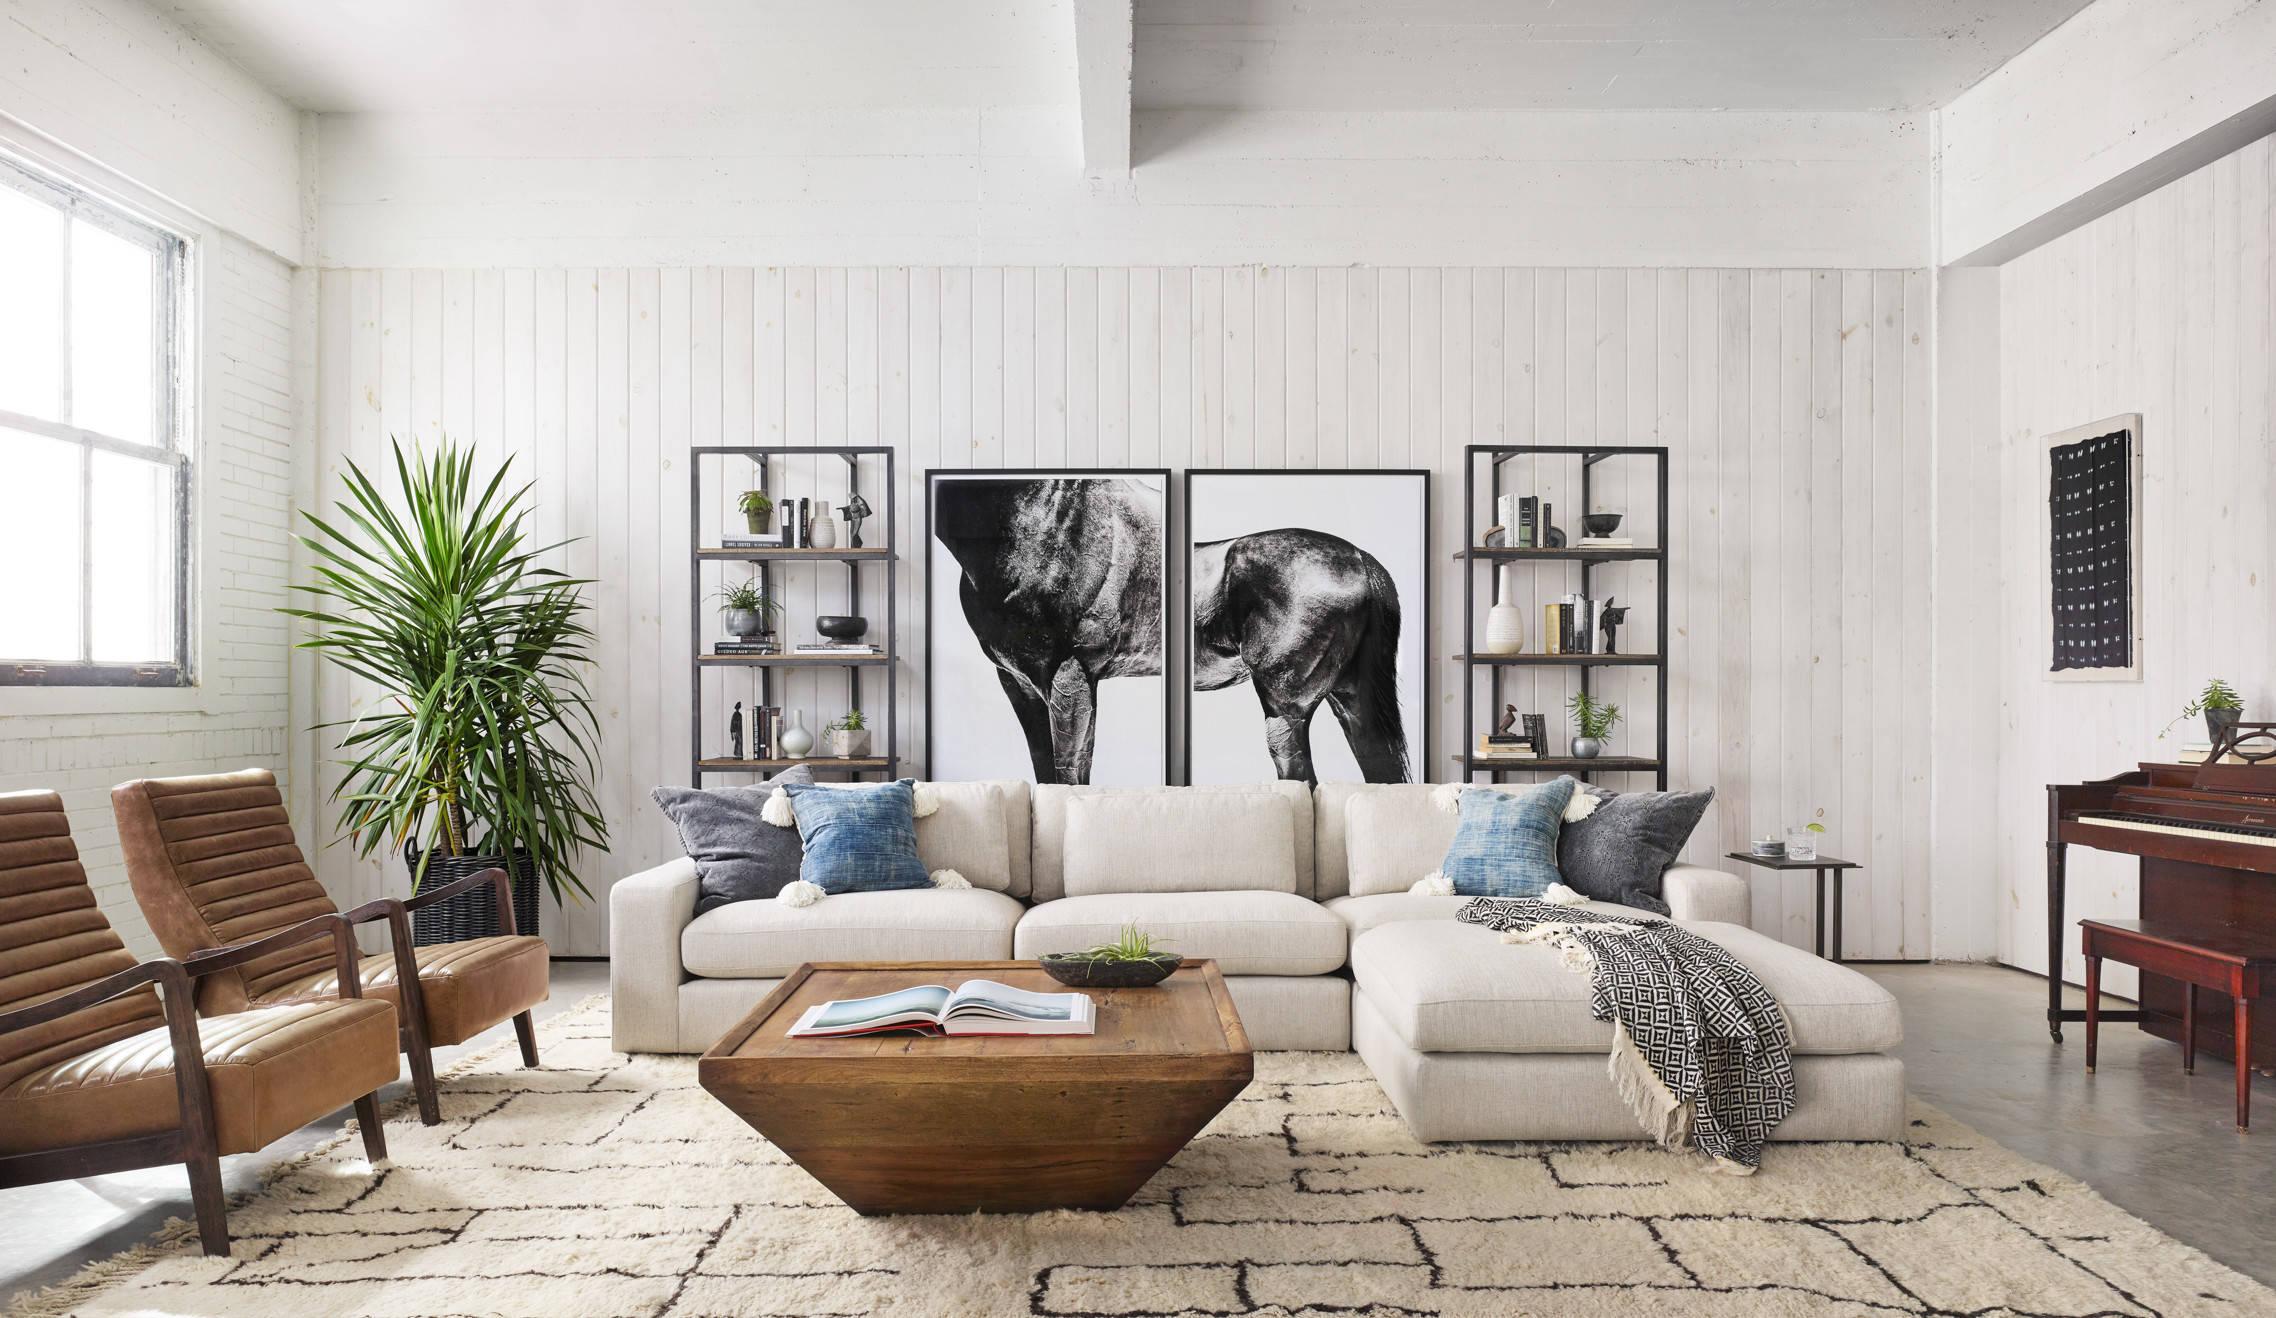 Les peintures modulaires sont un excellent moyen de décorer les intérieurs modernes